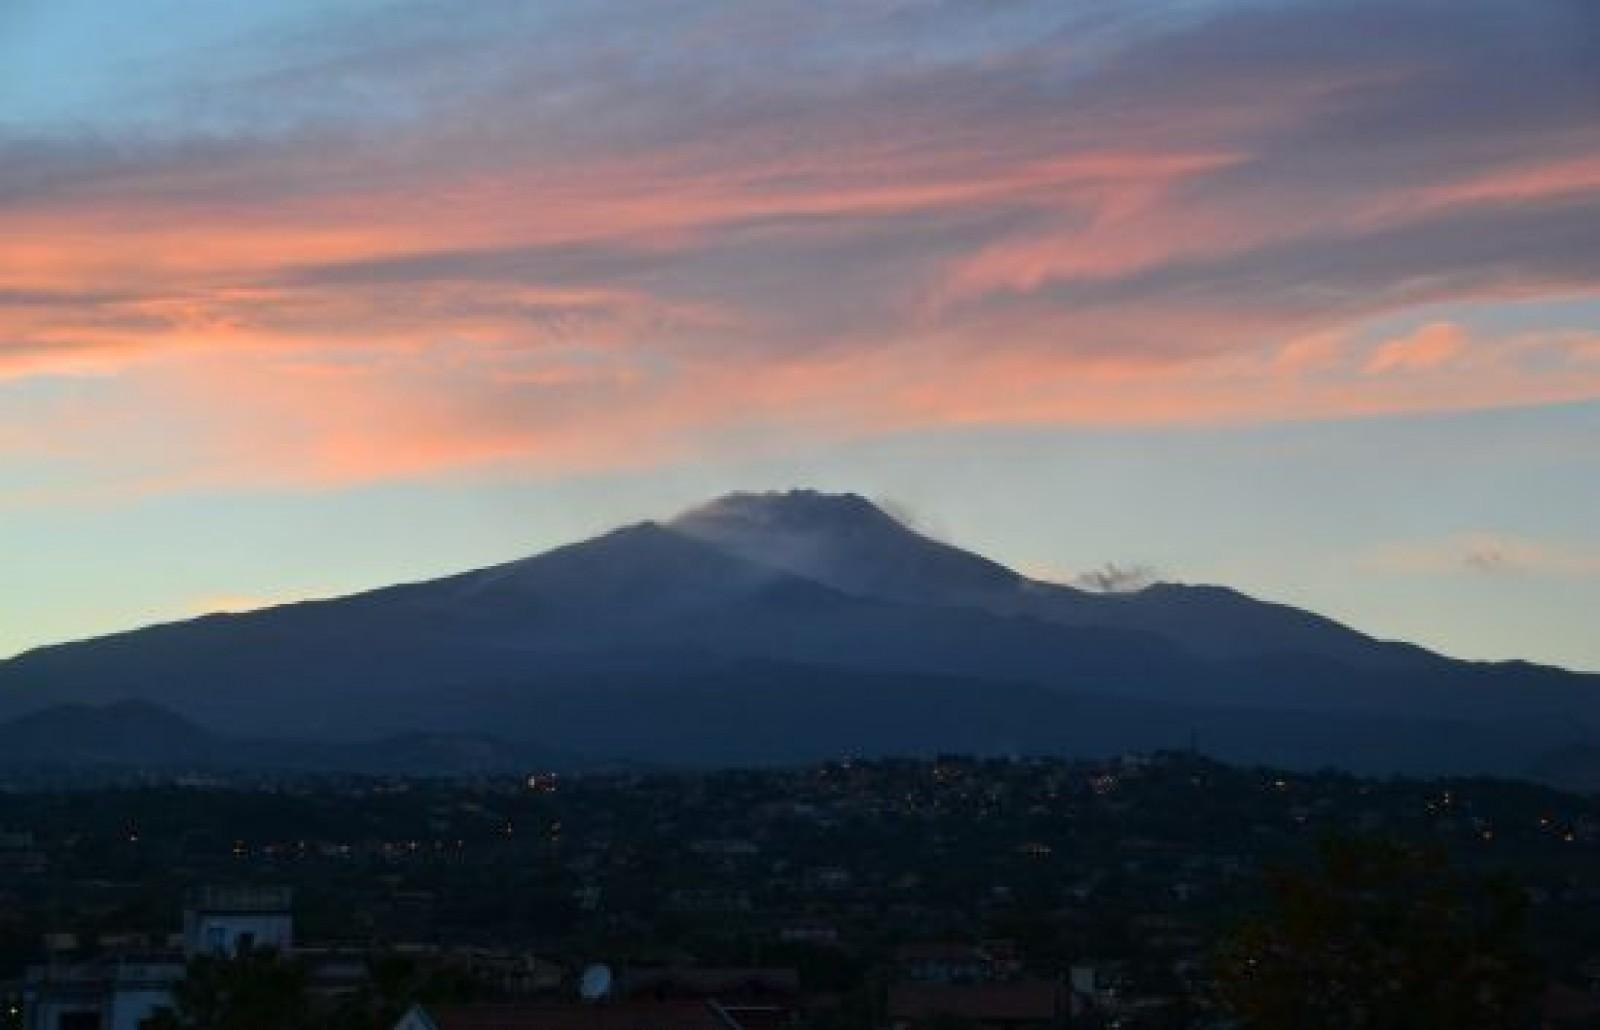 Le grotte vulcaniche dell'Etna